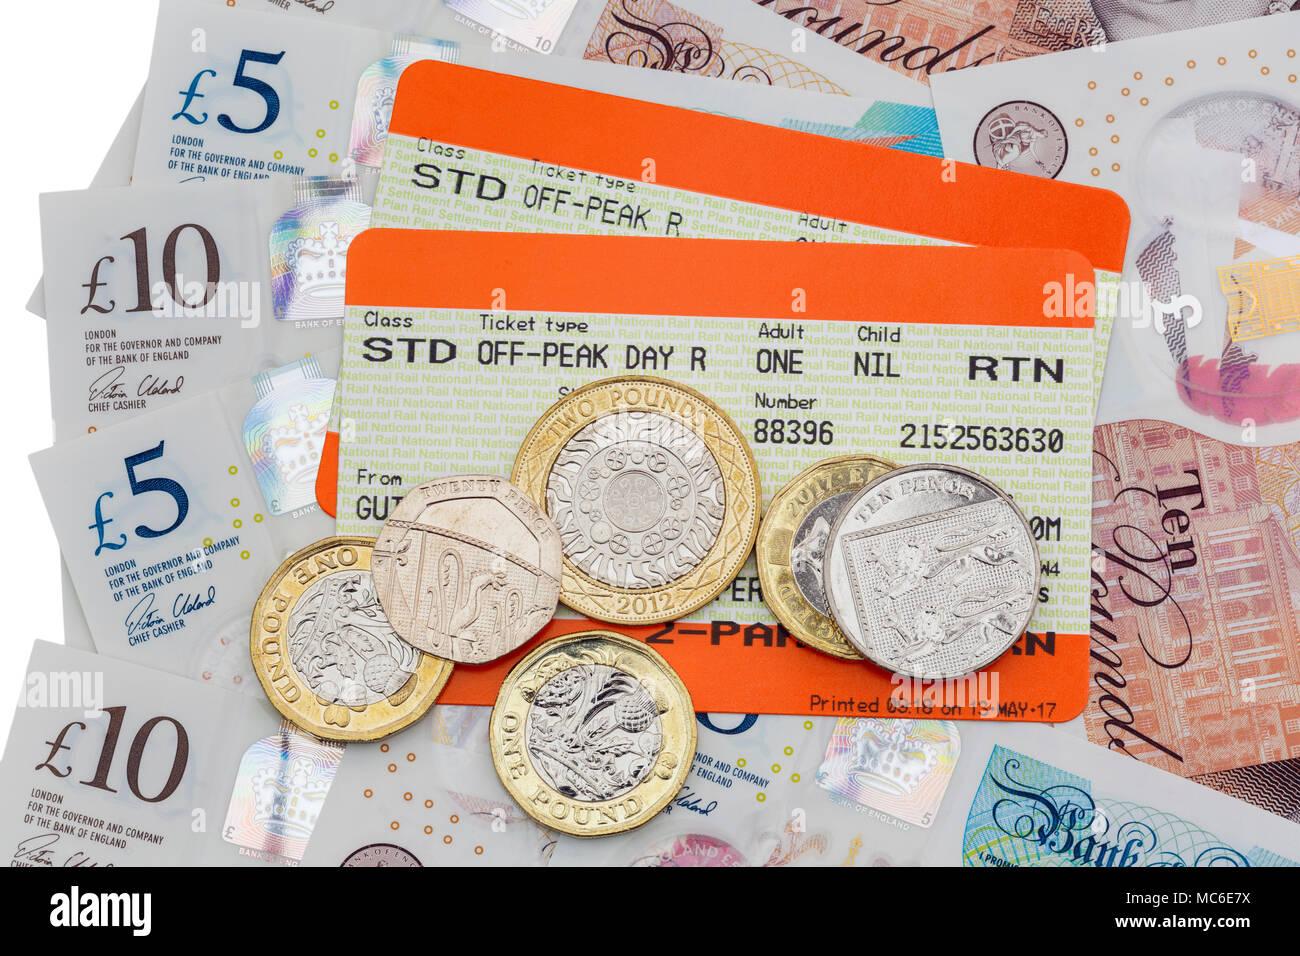 Zwei britische Bahn Tickets für Standard außerhalb der Hauptverkehrszeiten und Bahn mit fünf und zehn Pfund Noten und neue Pfund Münzen zurück. England Großbritannien Großbritannien Stockbild